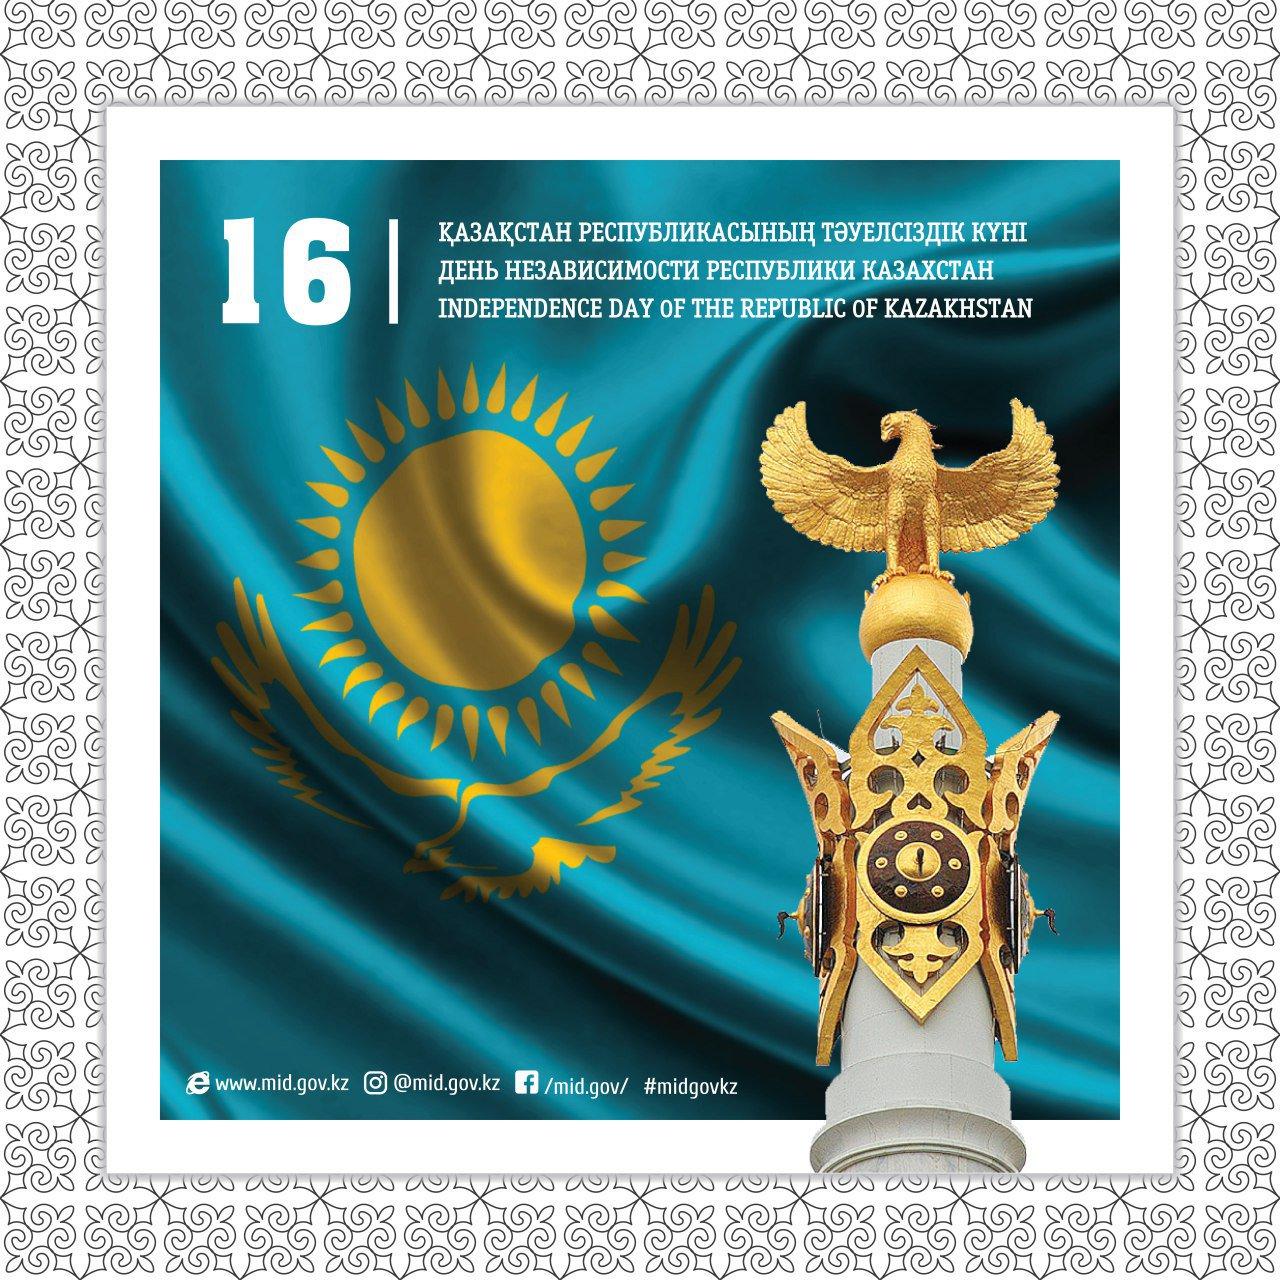 Поздравительные открытки дню независимости казахстана, днем